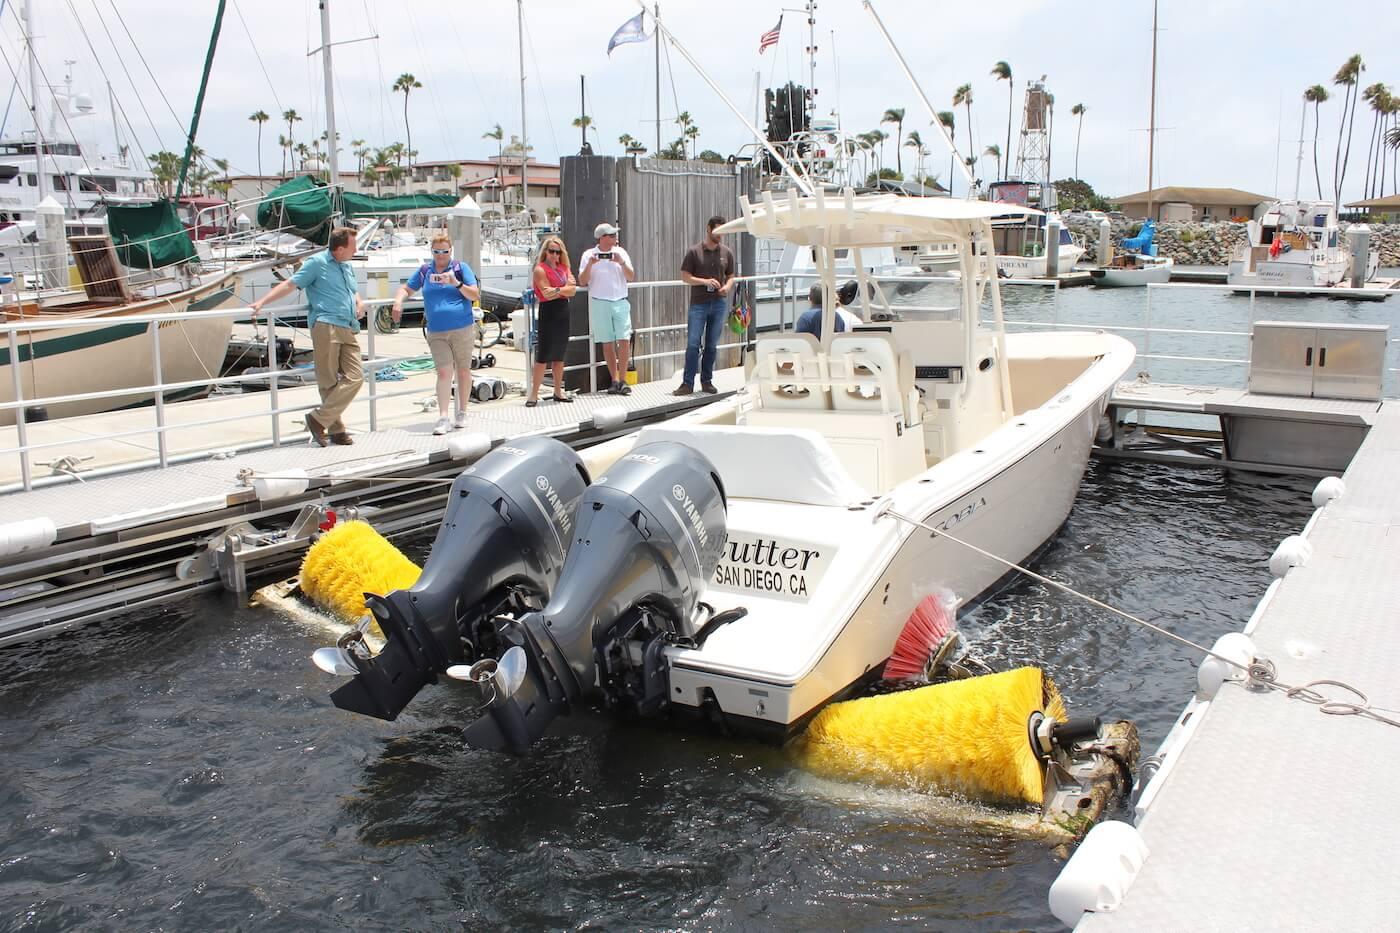 San Diego - motor boat